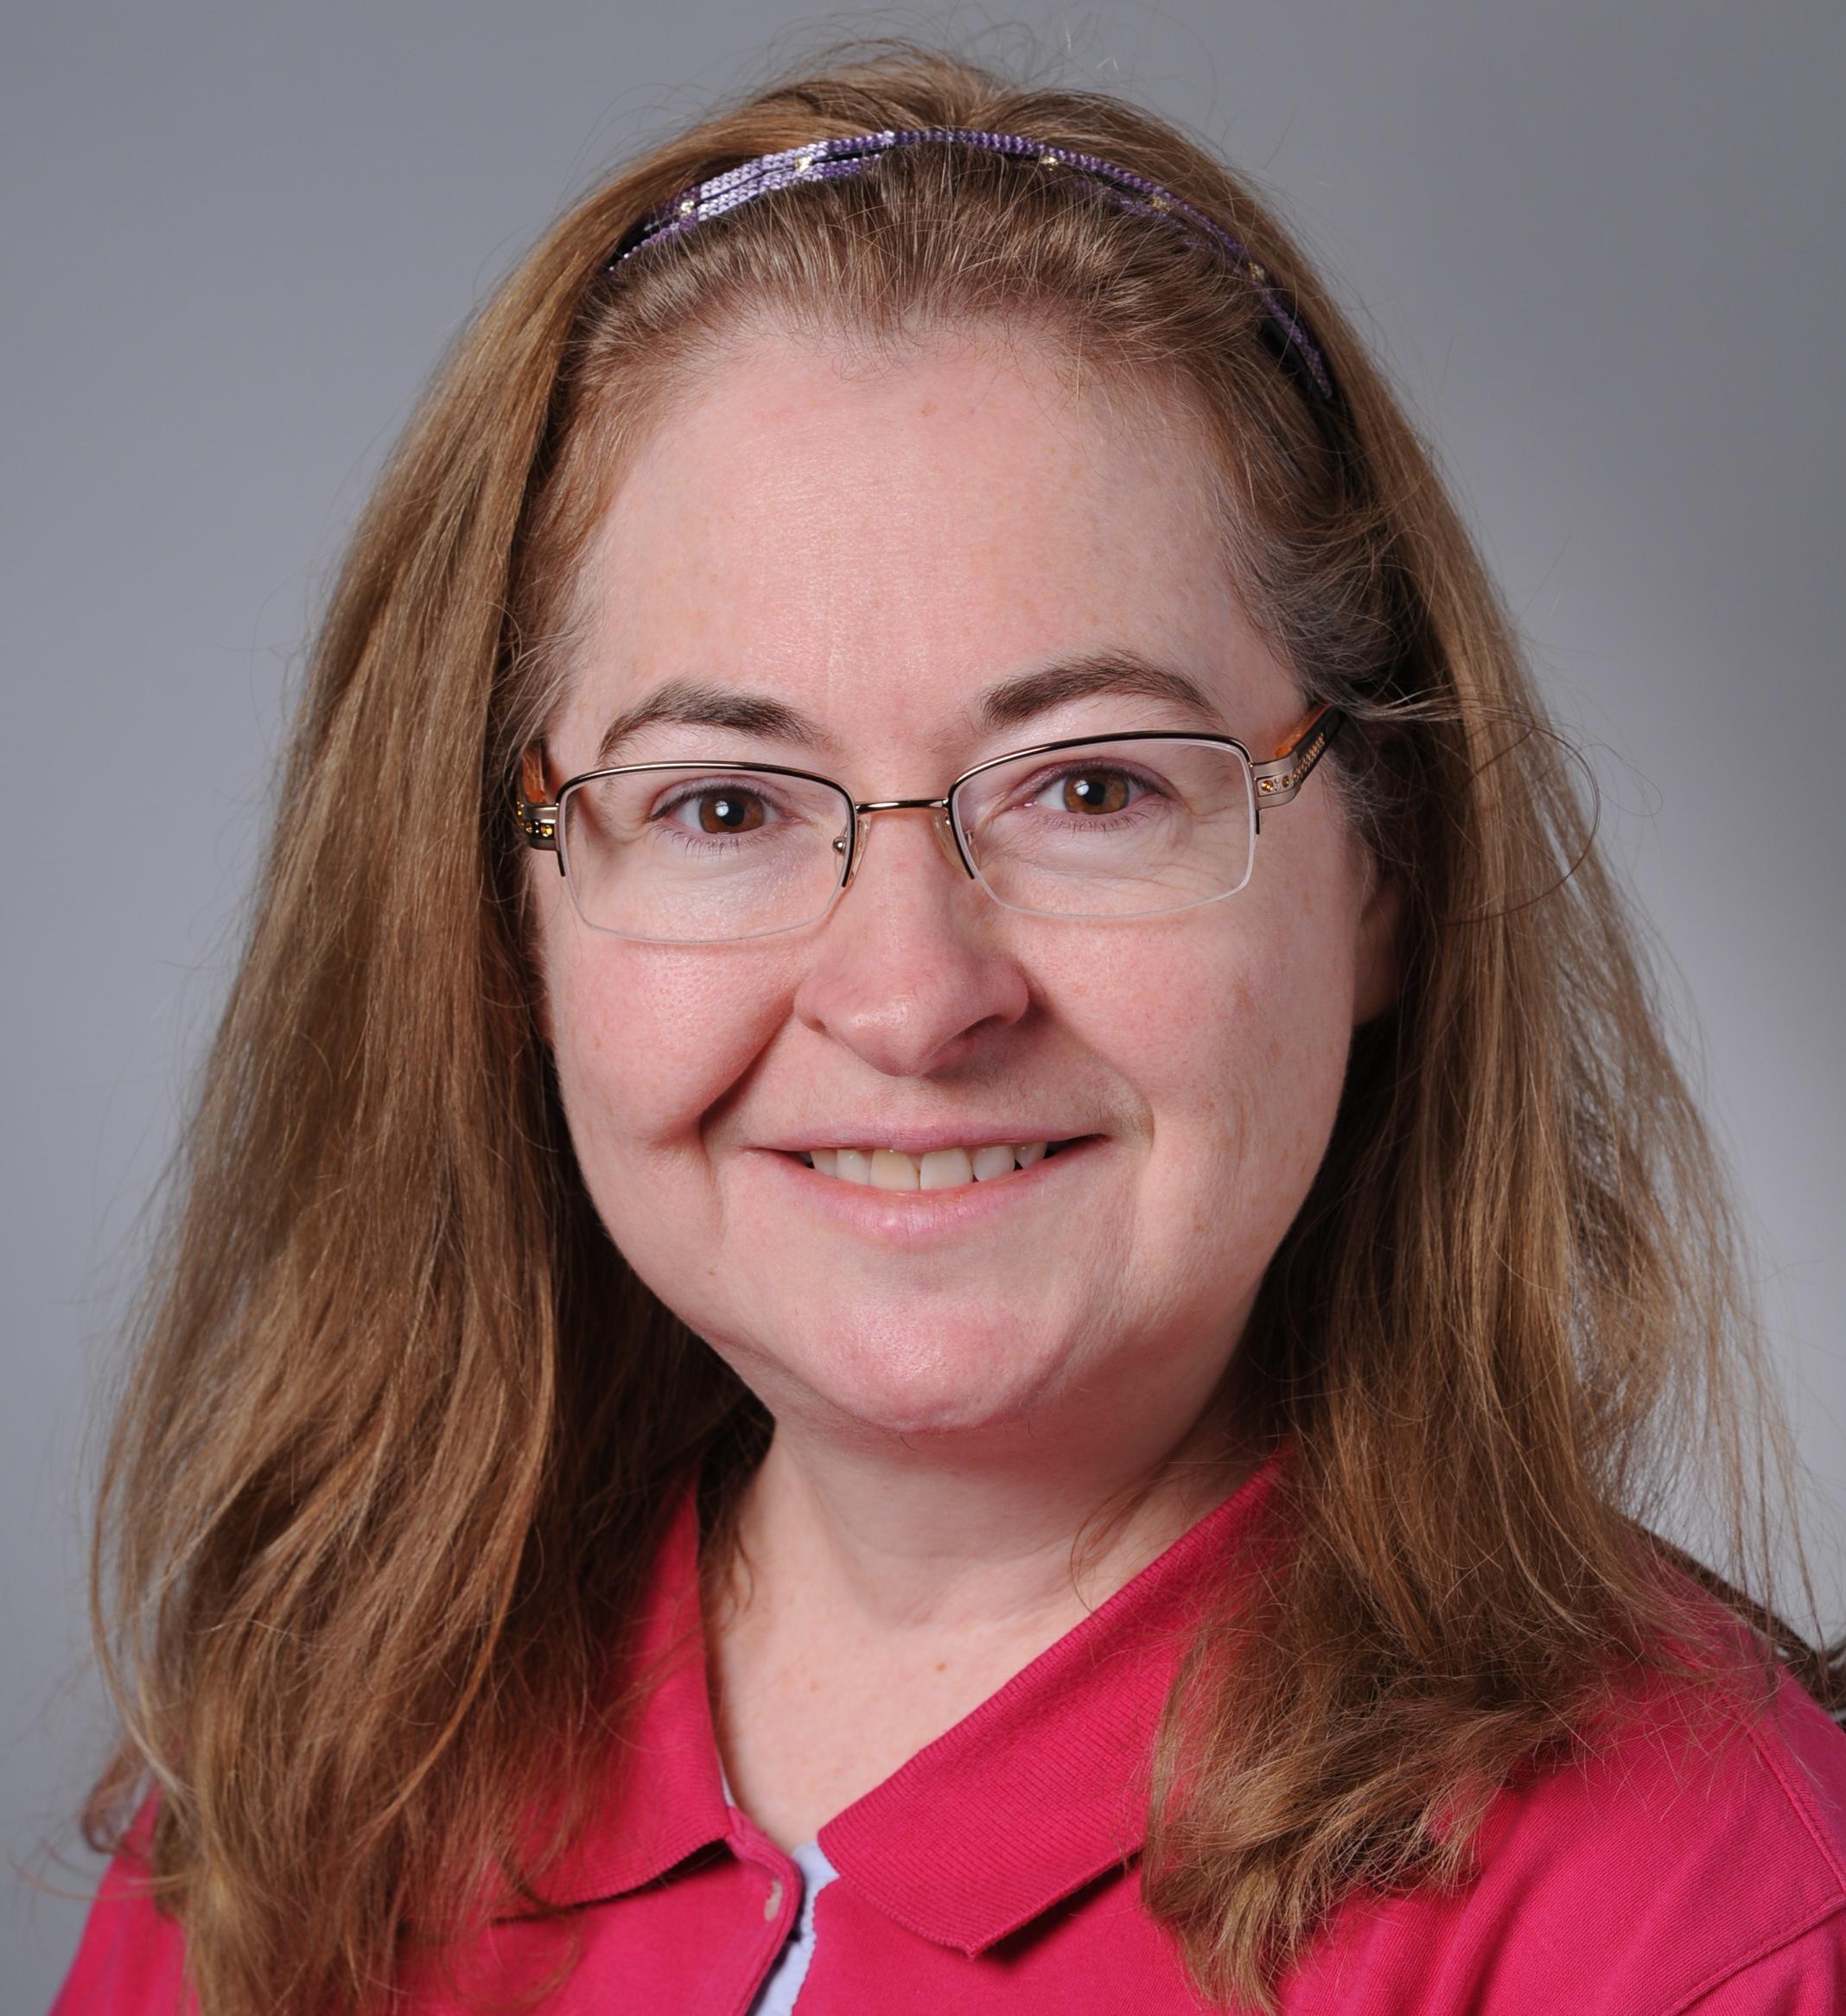 Deborah A. Flynn-Nyktas, DMD, FAGD